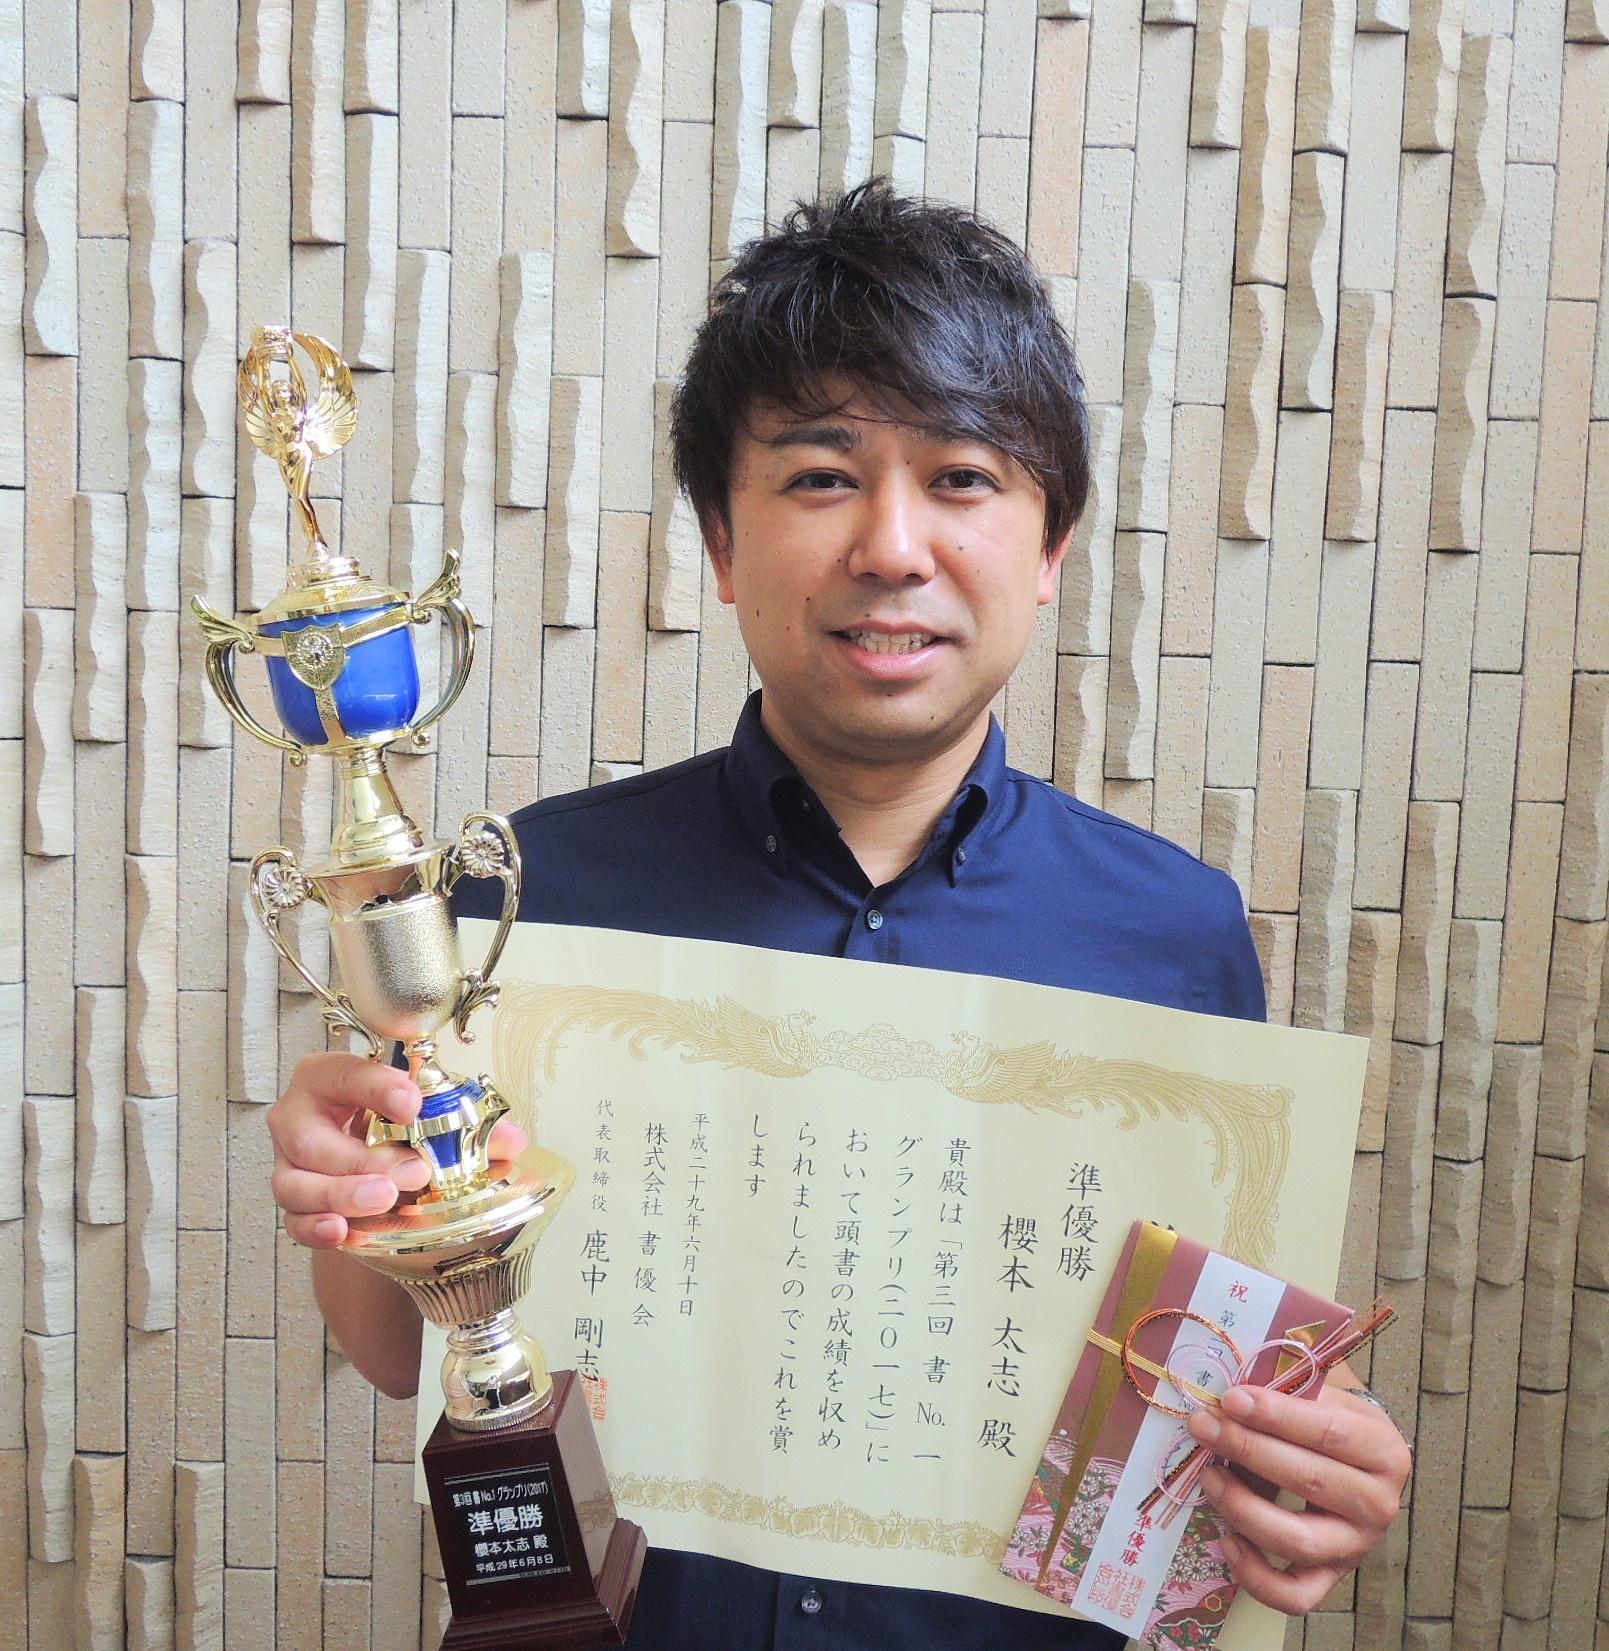 準優勝・櫻本太志様